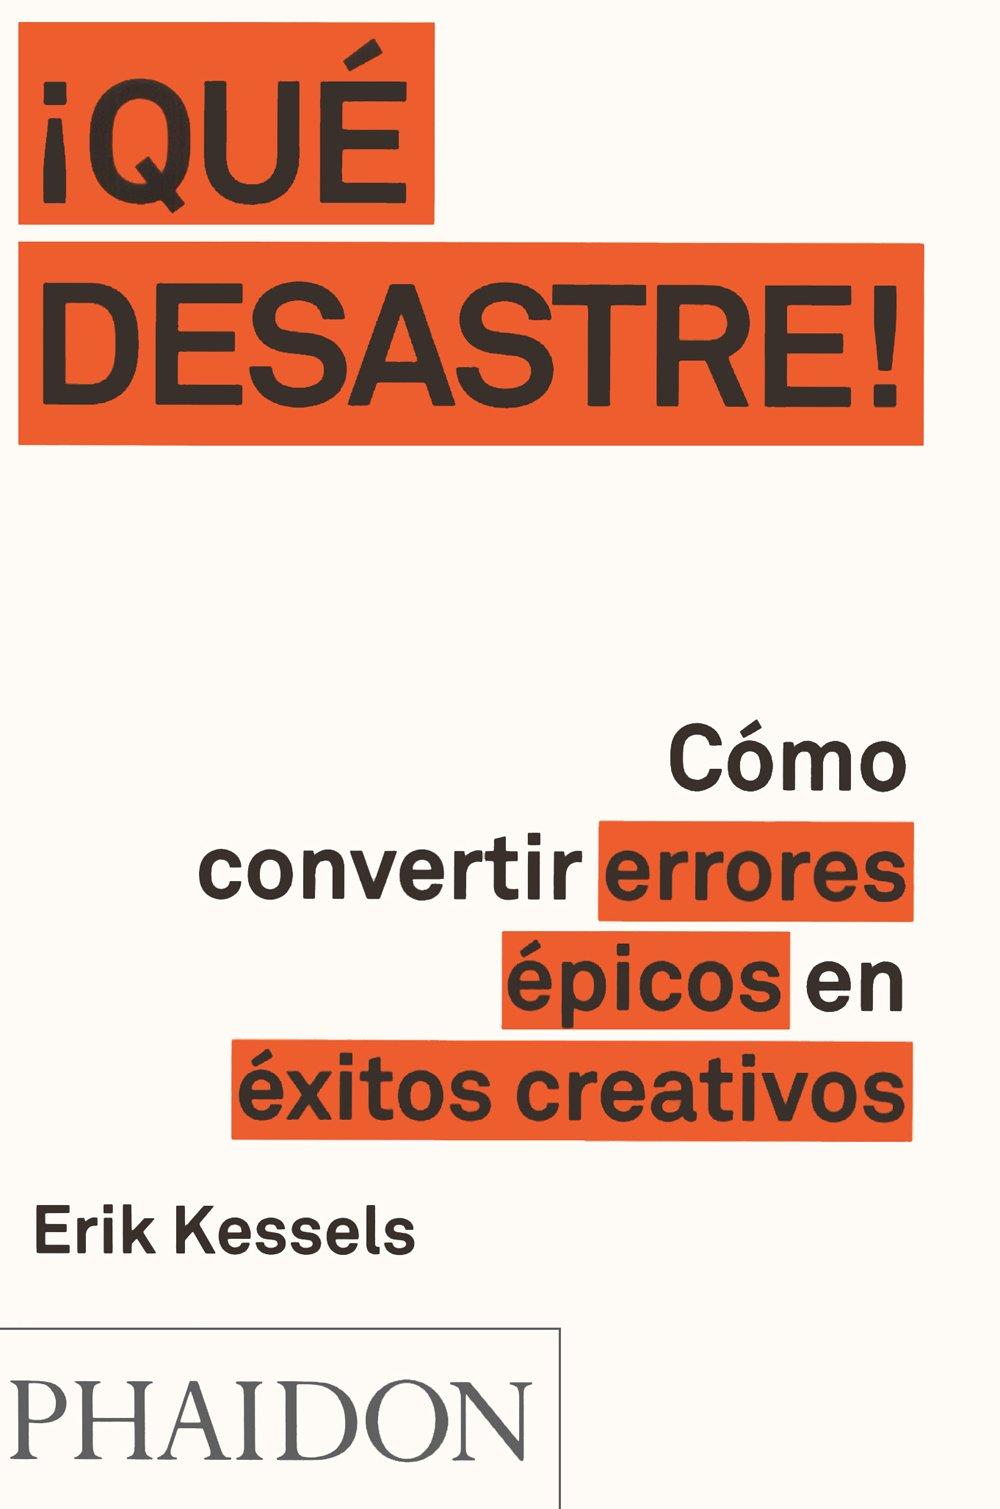 El libro ¡Qué desastre! Cómo convertir errores épicos en éxitos creativos, te permite resolver problemas como lo haría un Risk Manager.